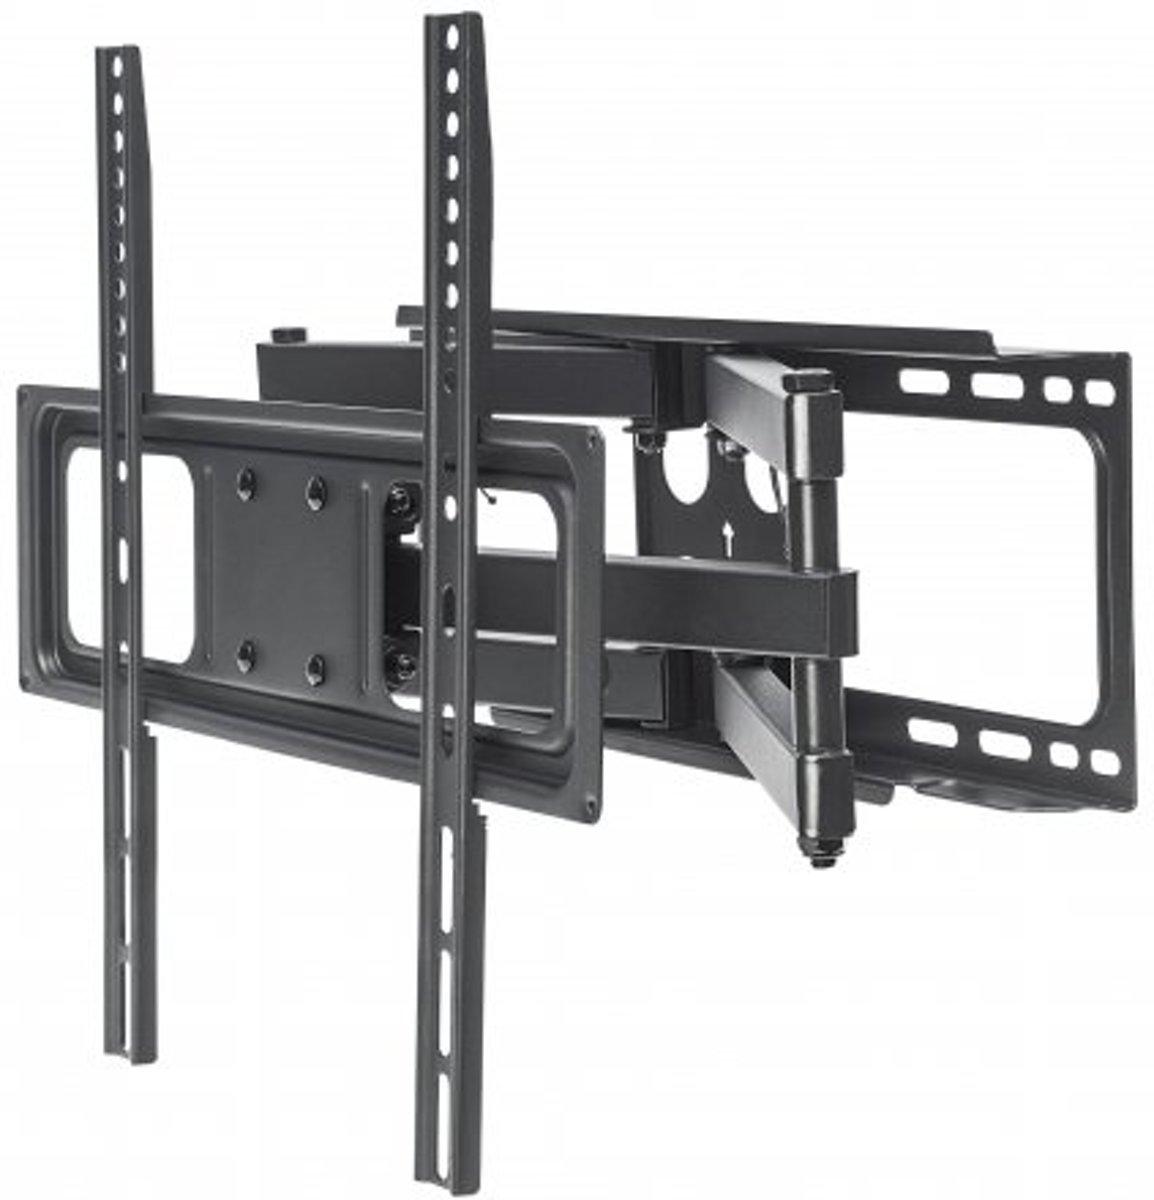 Manhattan TV-Wandhalterung f???r Flachbildschirme und Curved Displays von 32-55 und 40kg Monitor-wandbeugel 81,3 cm (32) - 139,7 cm (55) Kantelbaar en zwenkbaar